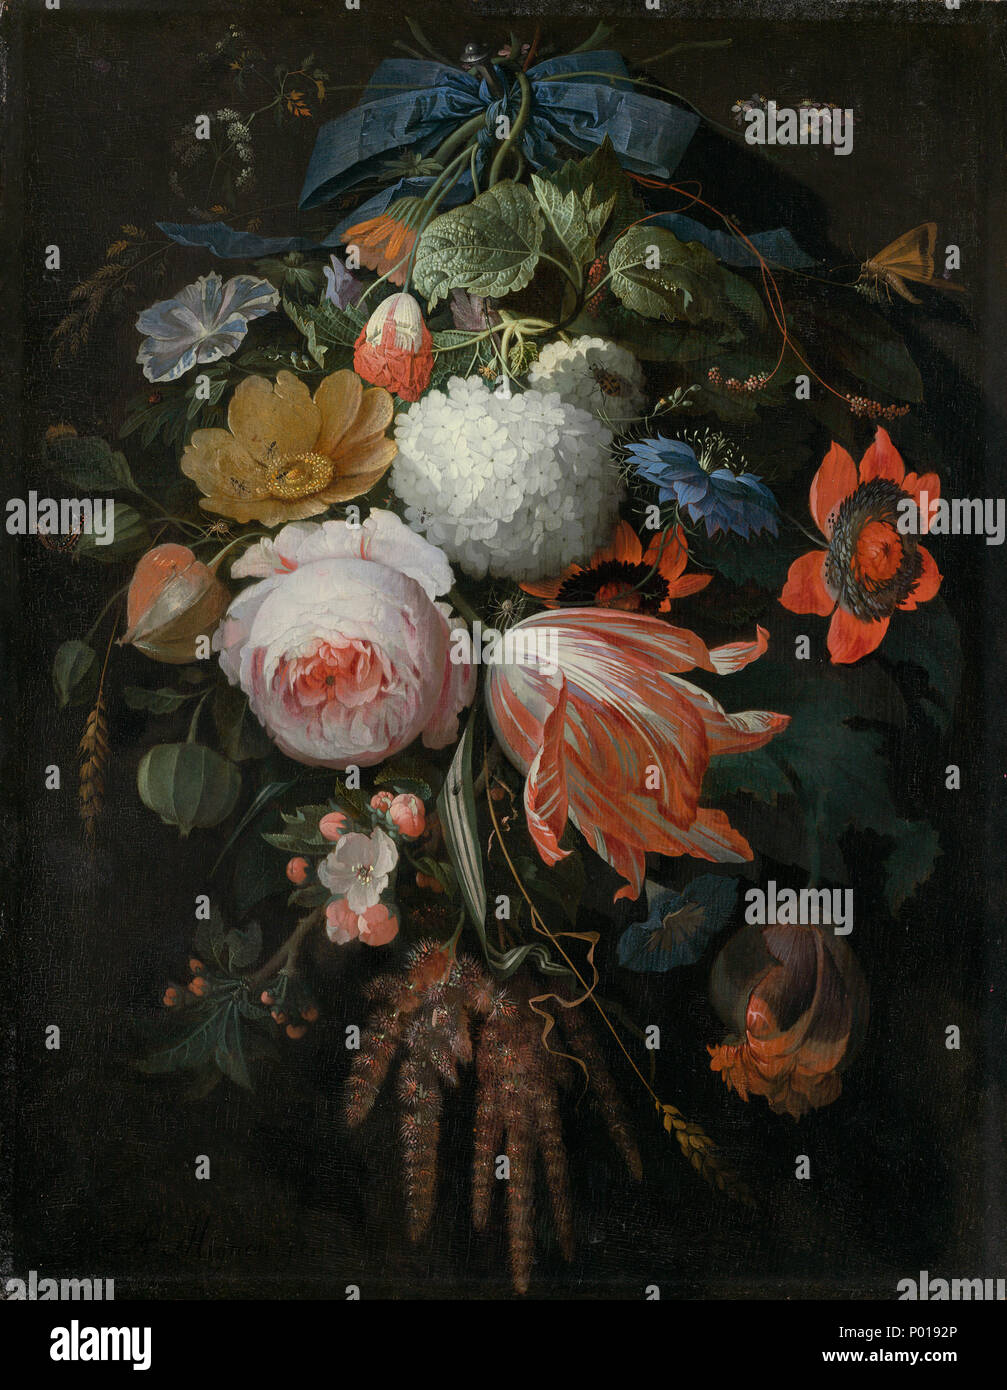 Mazzo Di Fiori In Tedesco.Abramo Mignon Tedesco 1640 1679 Appeso Un Bouquet Di Fiori